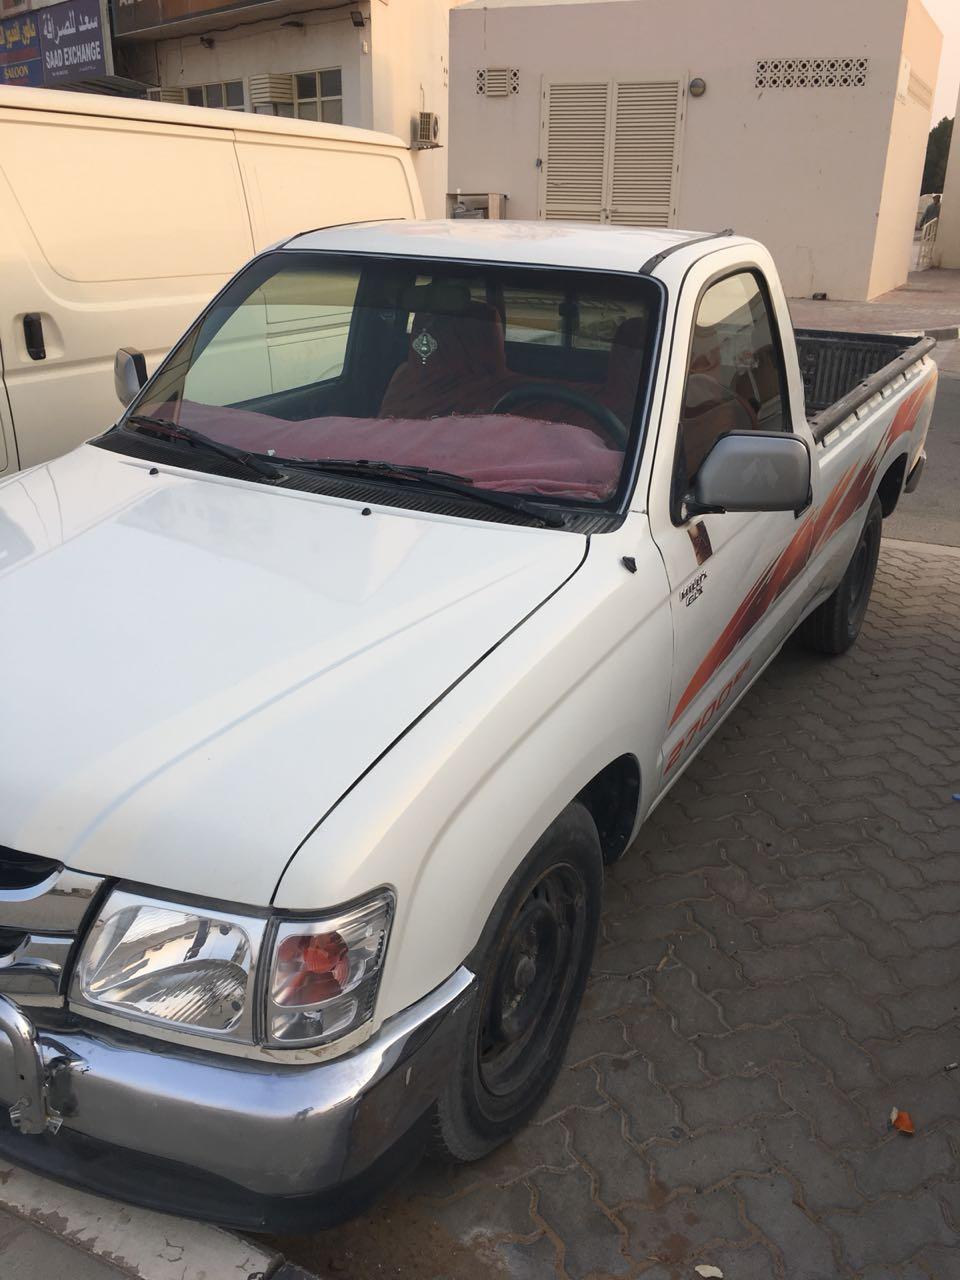 Kelebihan Kekurangan Toyota Hilux 2004 Spesifikasi